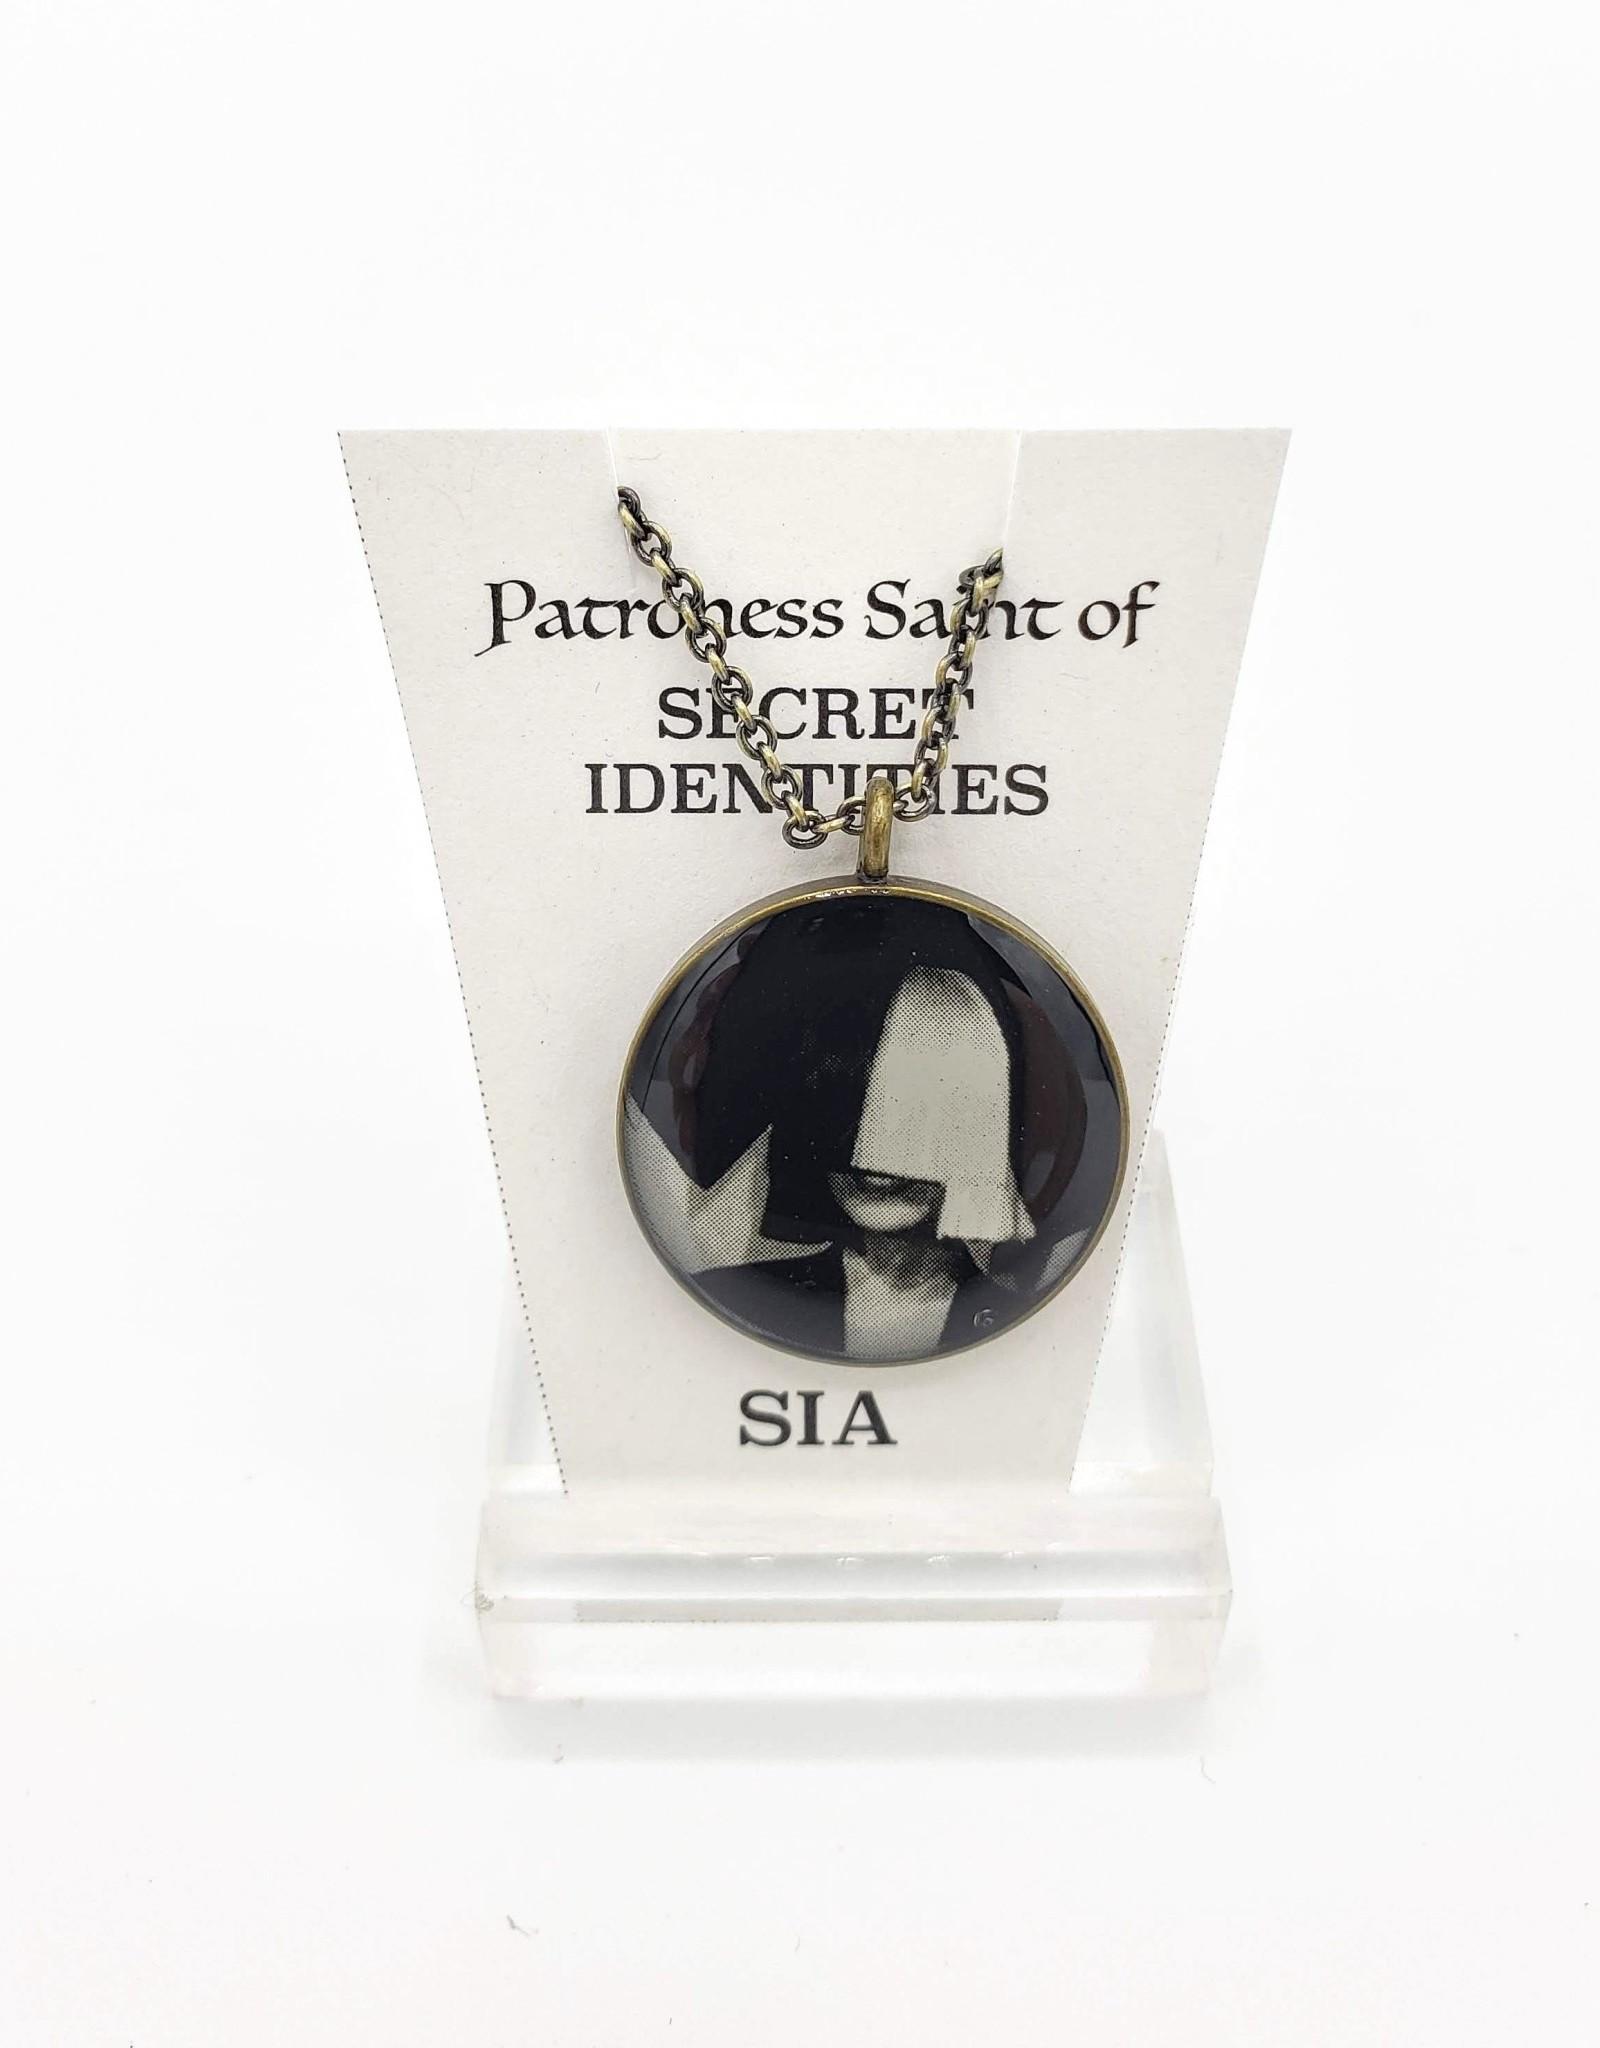 Redux Sia Patroness Saint Pendant Necklace